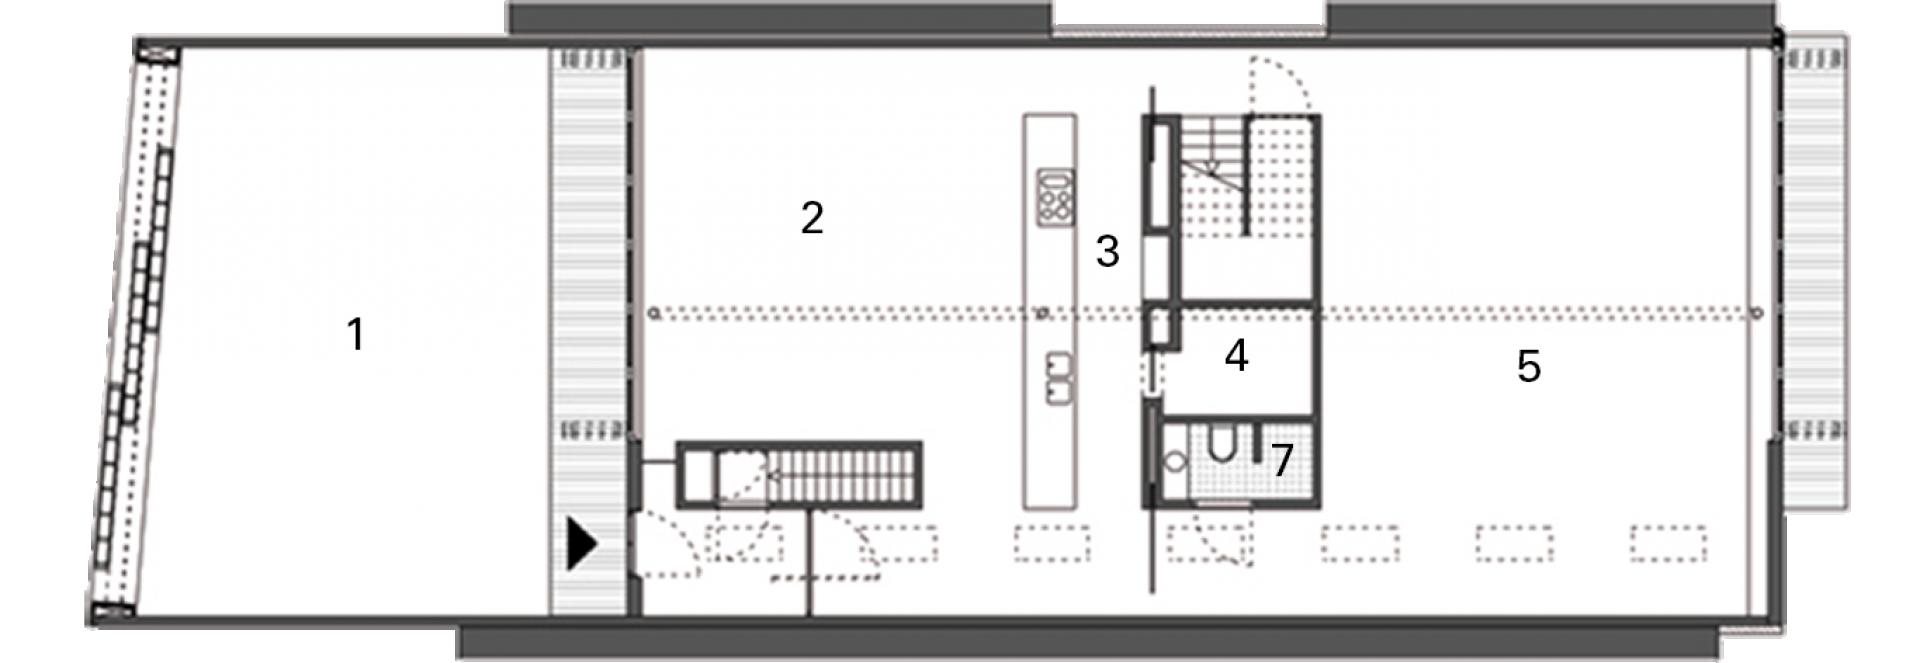 Rieteijland Floorplan 0